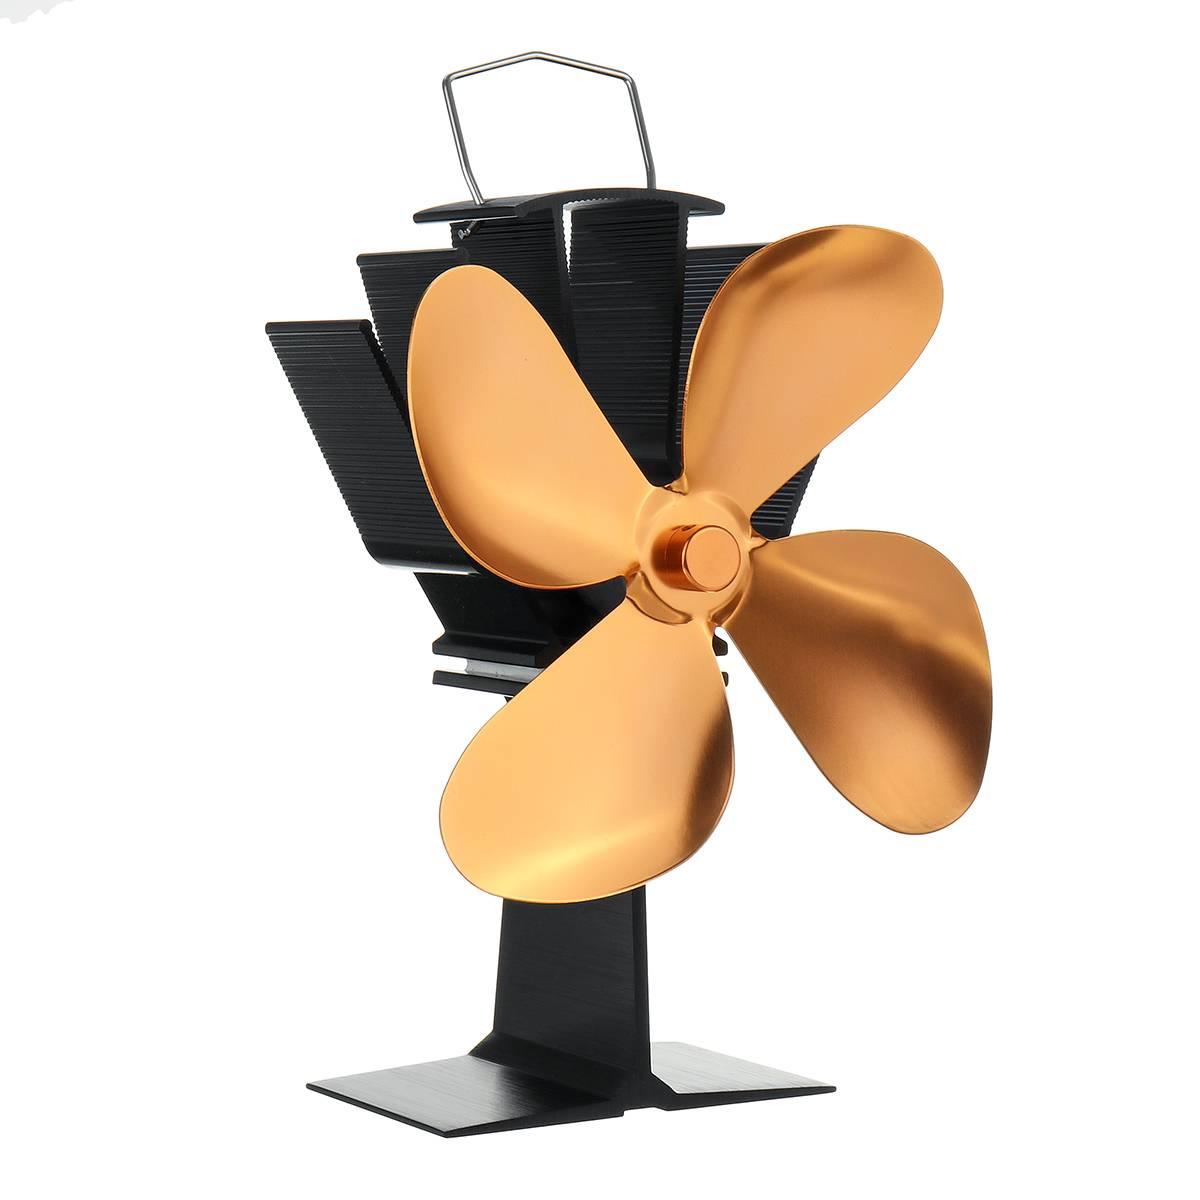 Golden Fireplace Fan 4 Blade Heat Powered Stove Fan Wood Burner Eco Friendly Quiet Fan Home Efficient Heat Distribution